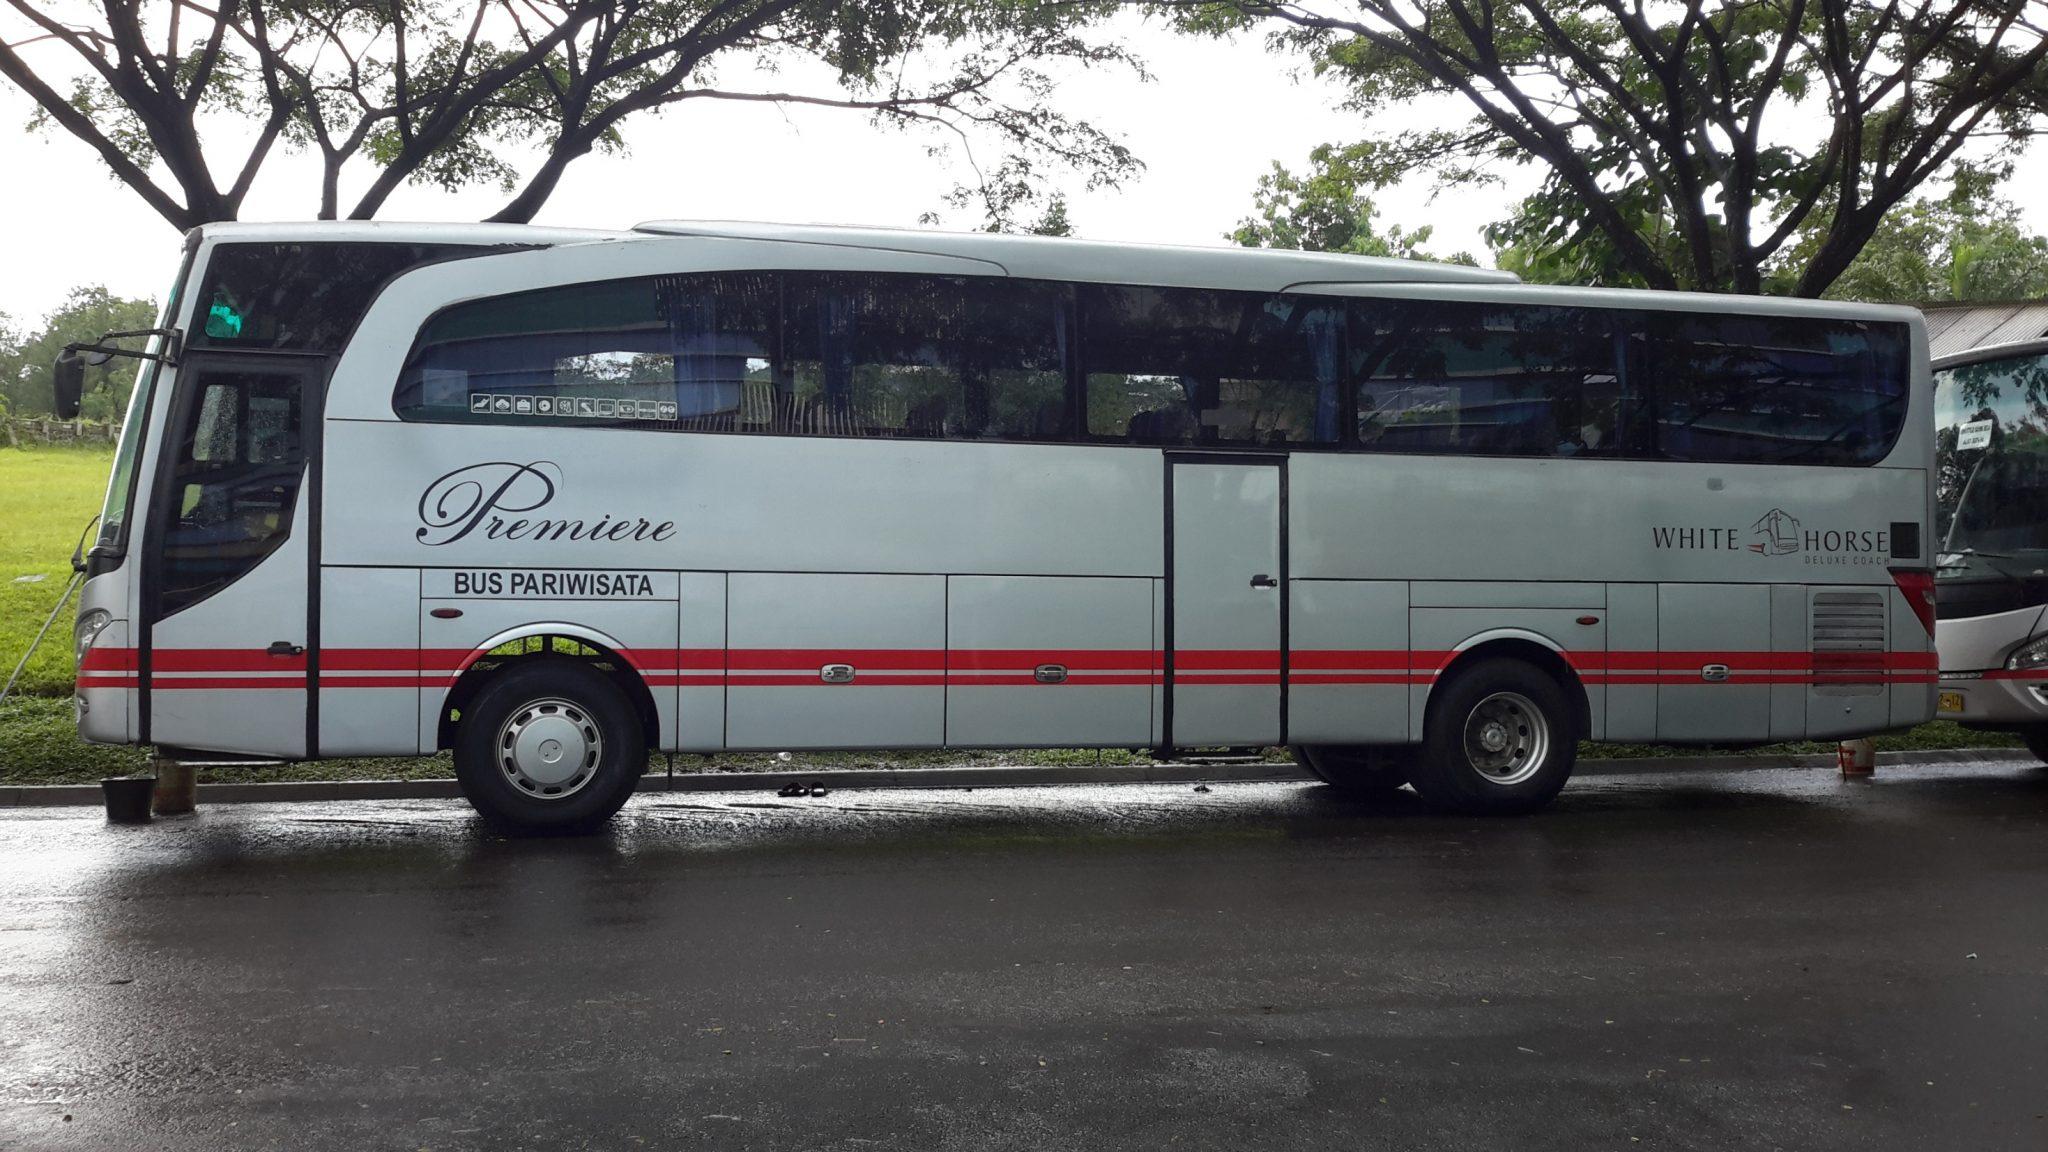 White Horse - Mengenal Tipe dan Jenis Bus Pariwisata dari Berbagai Otobus di Indonesia